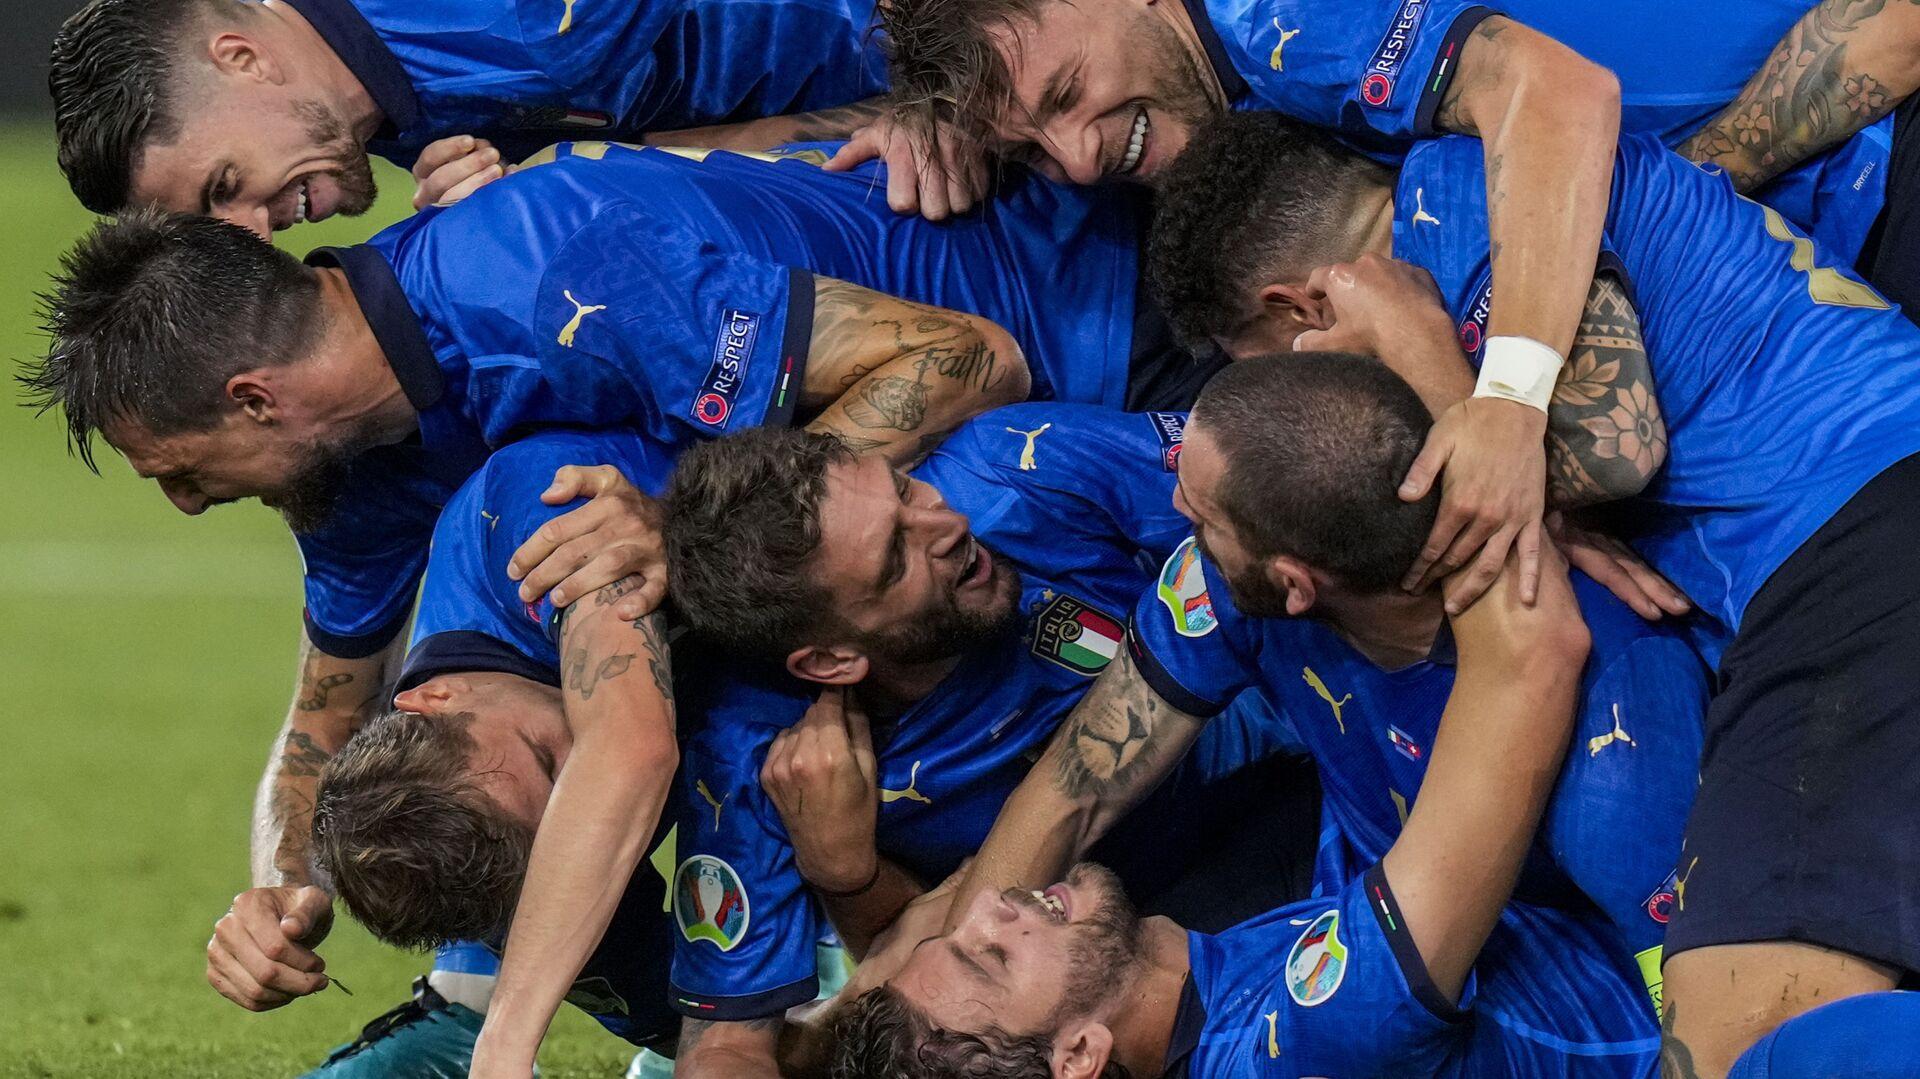 Игроки сборной Италии празднуют свой второй гол во время матча группы А чемпионата ЕВРО-2020 между сборными Италии и Швейцарии на олимпийском стадионе в Риме, Италия - Sputnik Italia, 1920, 22.06.2021